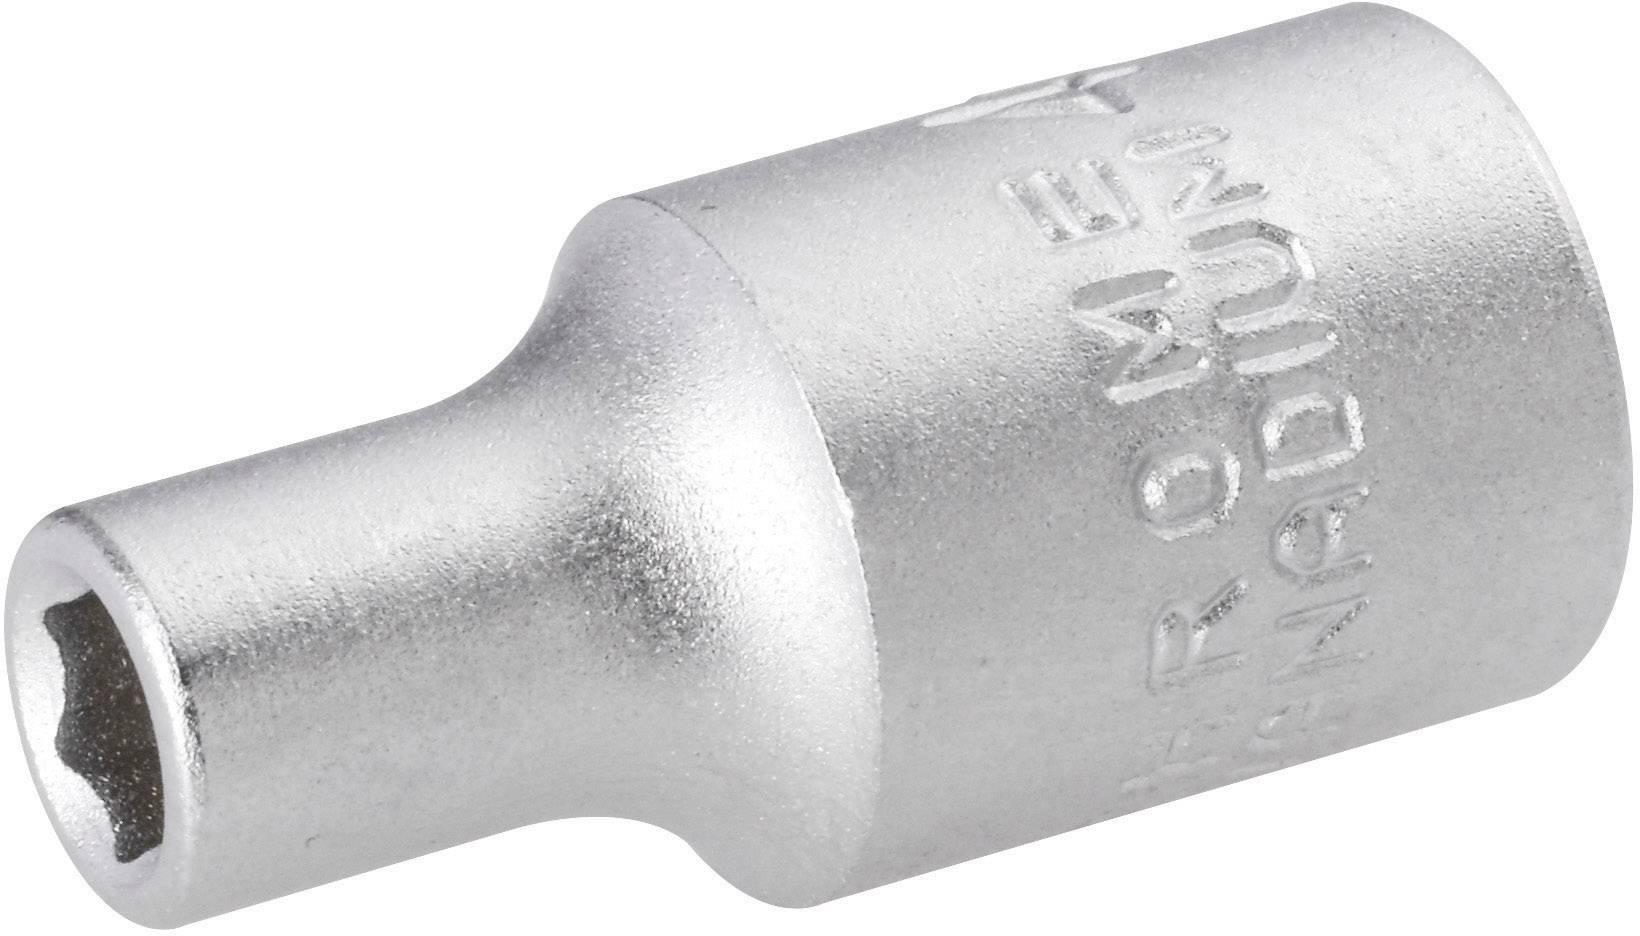 """Nástavec pro ráčnu TOOLCRAFT 820749, vnější šestihran, 1/4"""" (6,3 mm), 10 mm, chrom-vanadová ocel"""